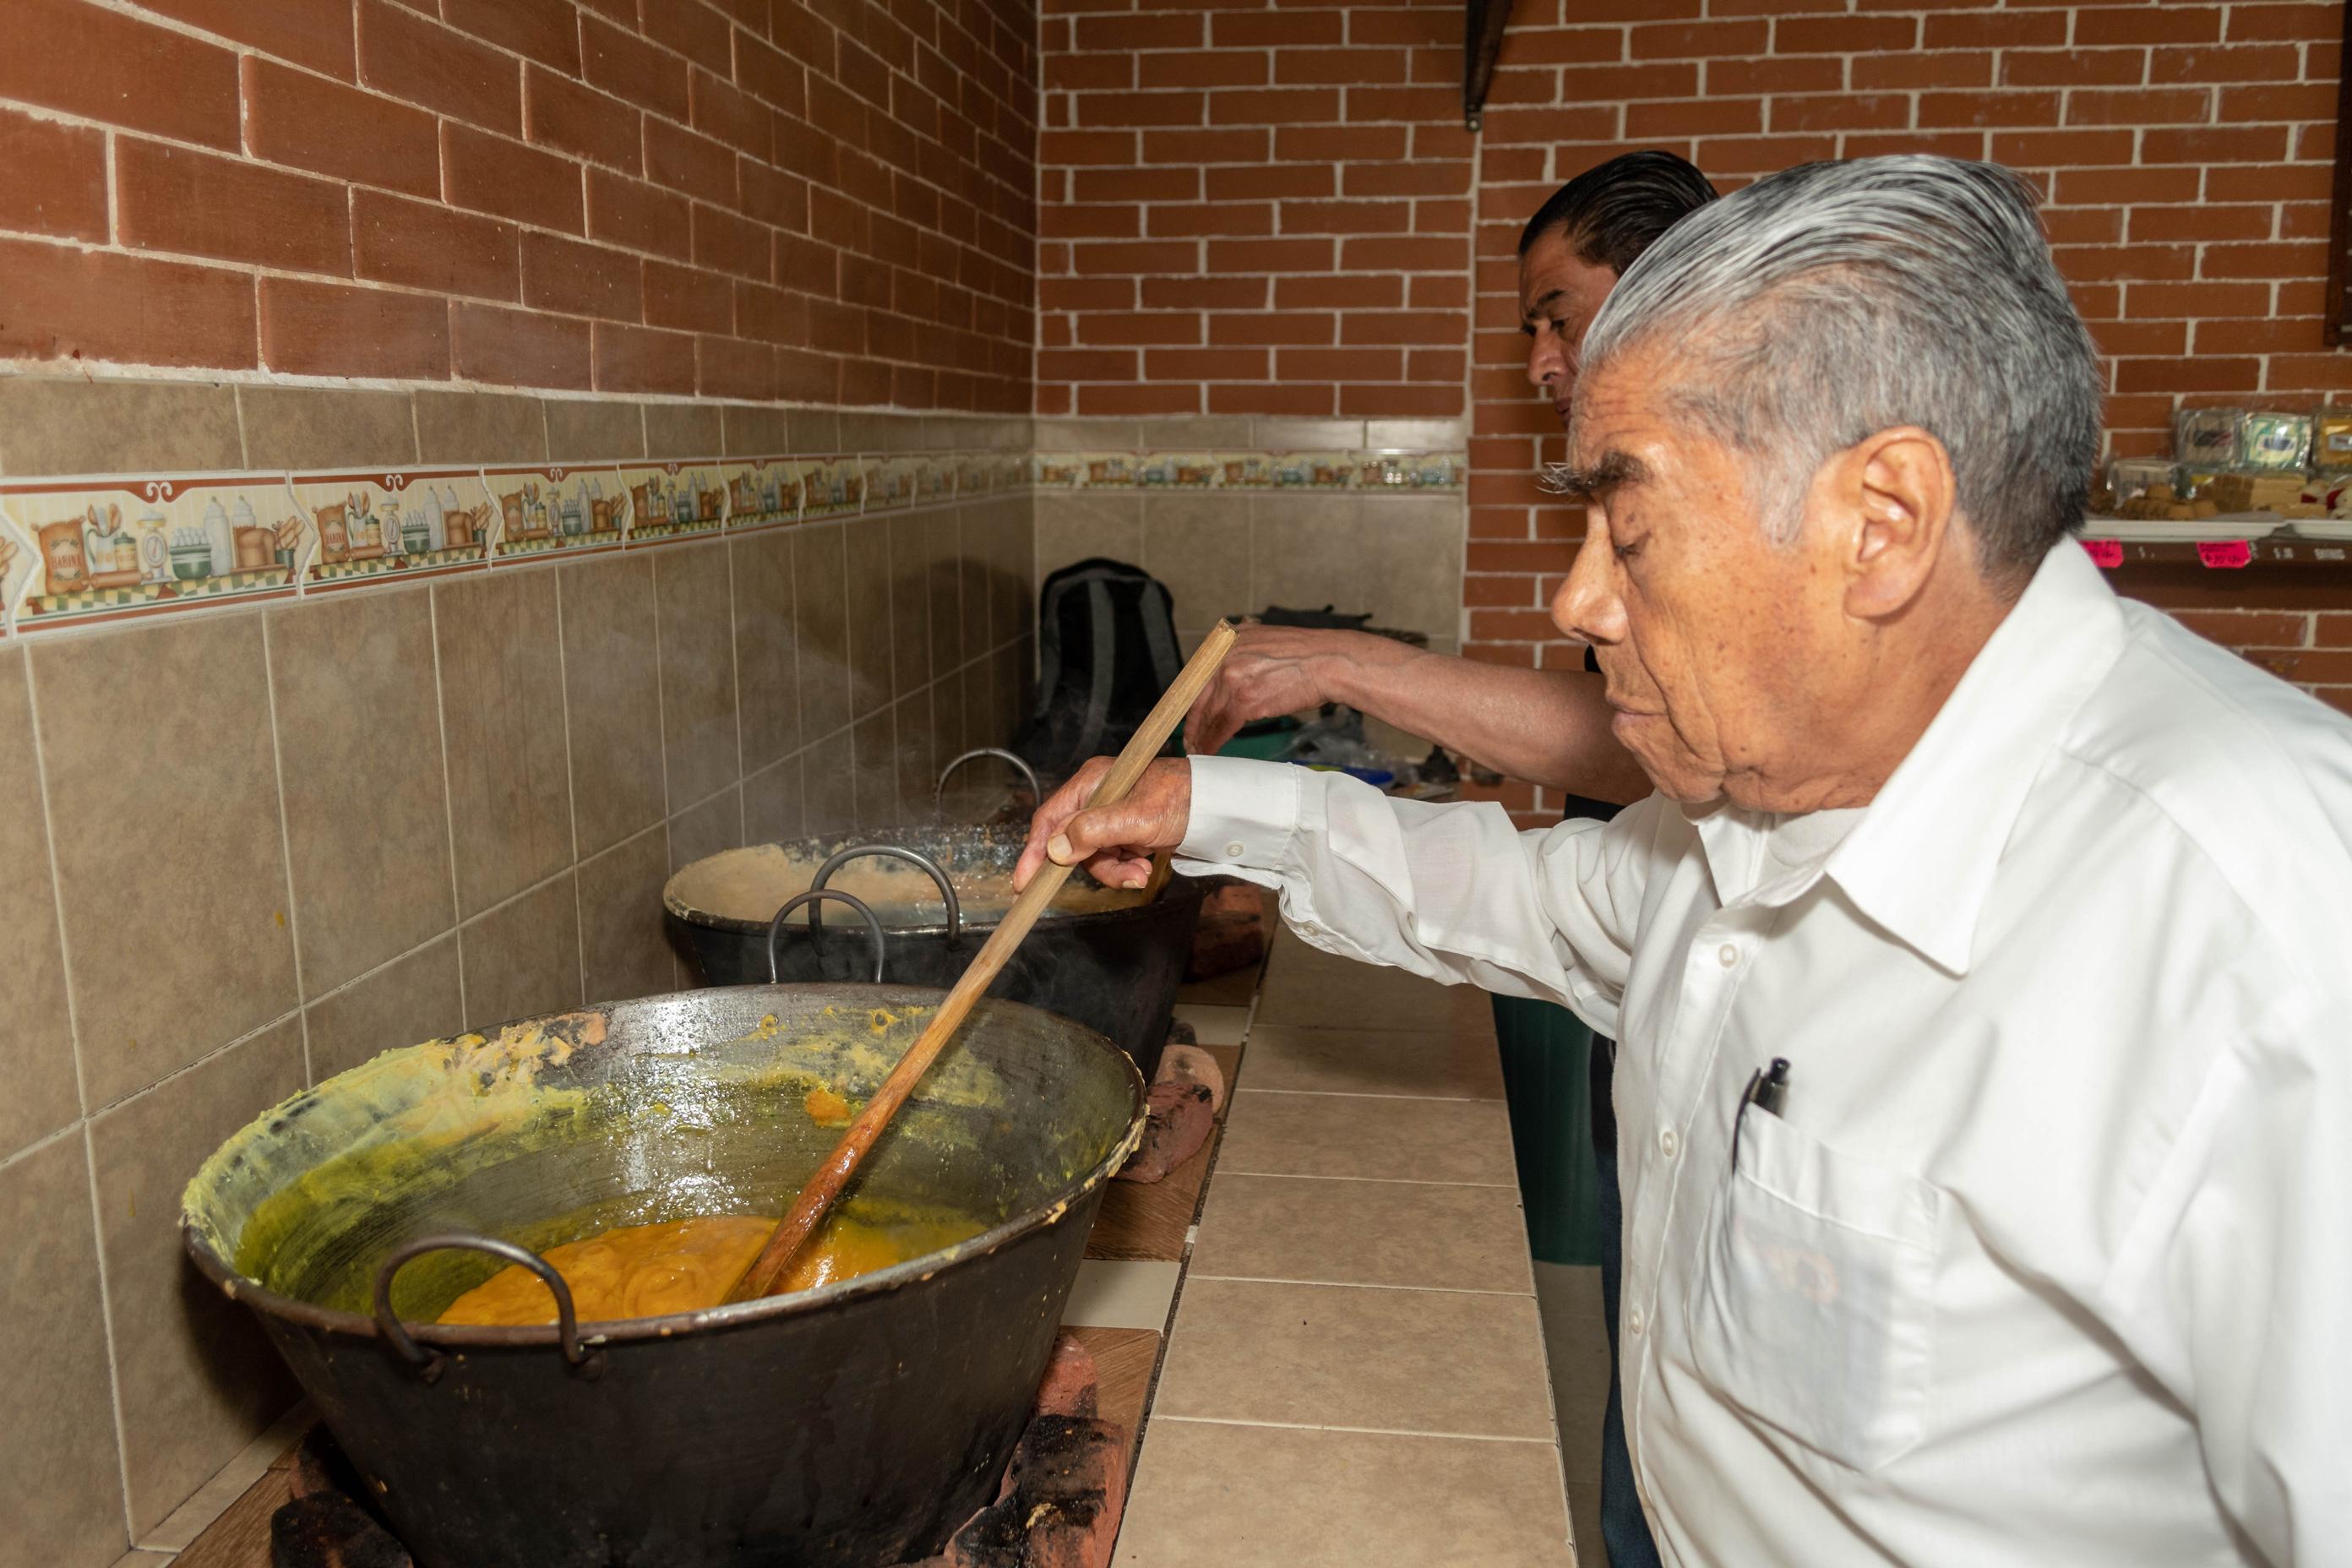 dulceria-hernandez-una-dulce-herencia-artesanal-de-mas-de-100-anos-en-toluca3dulceria-hernandez-una-dulce-herencia-artesanal-de-mas-de-100-anos-en-toluca3